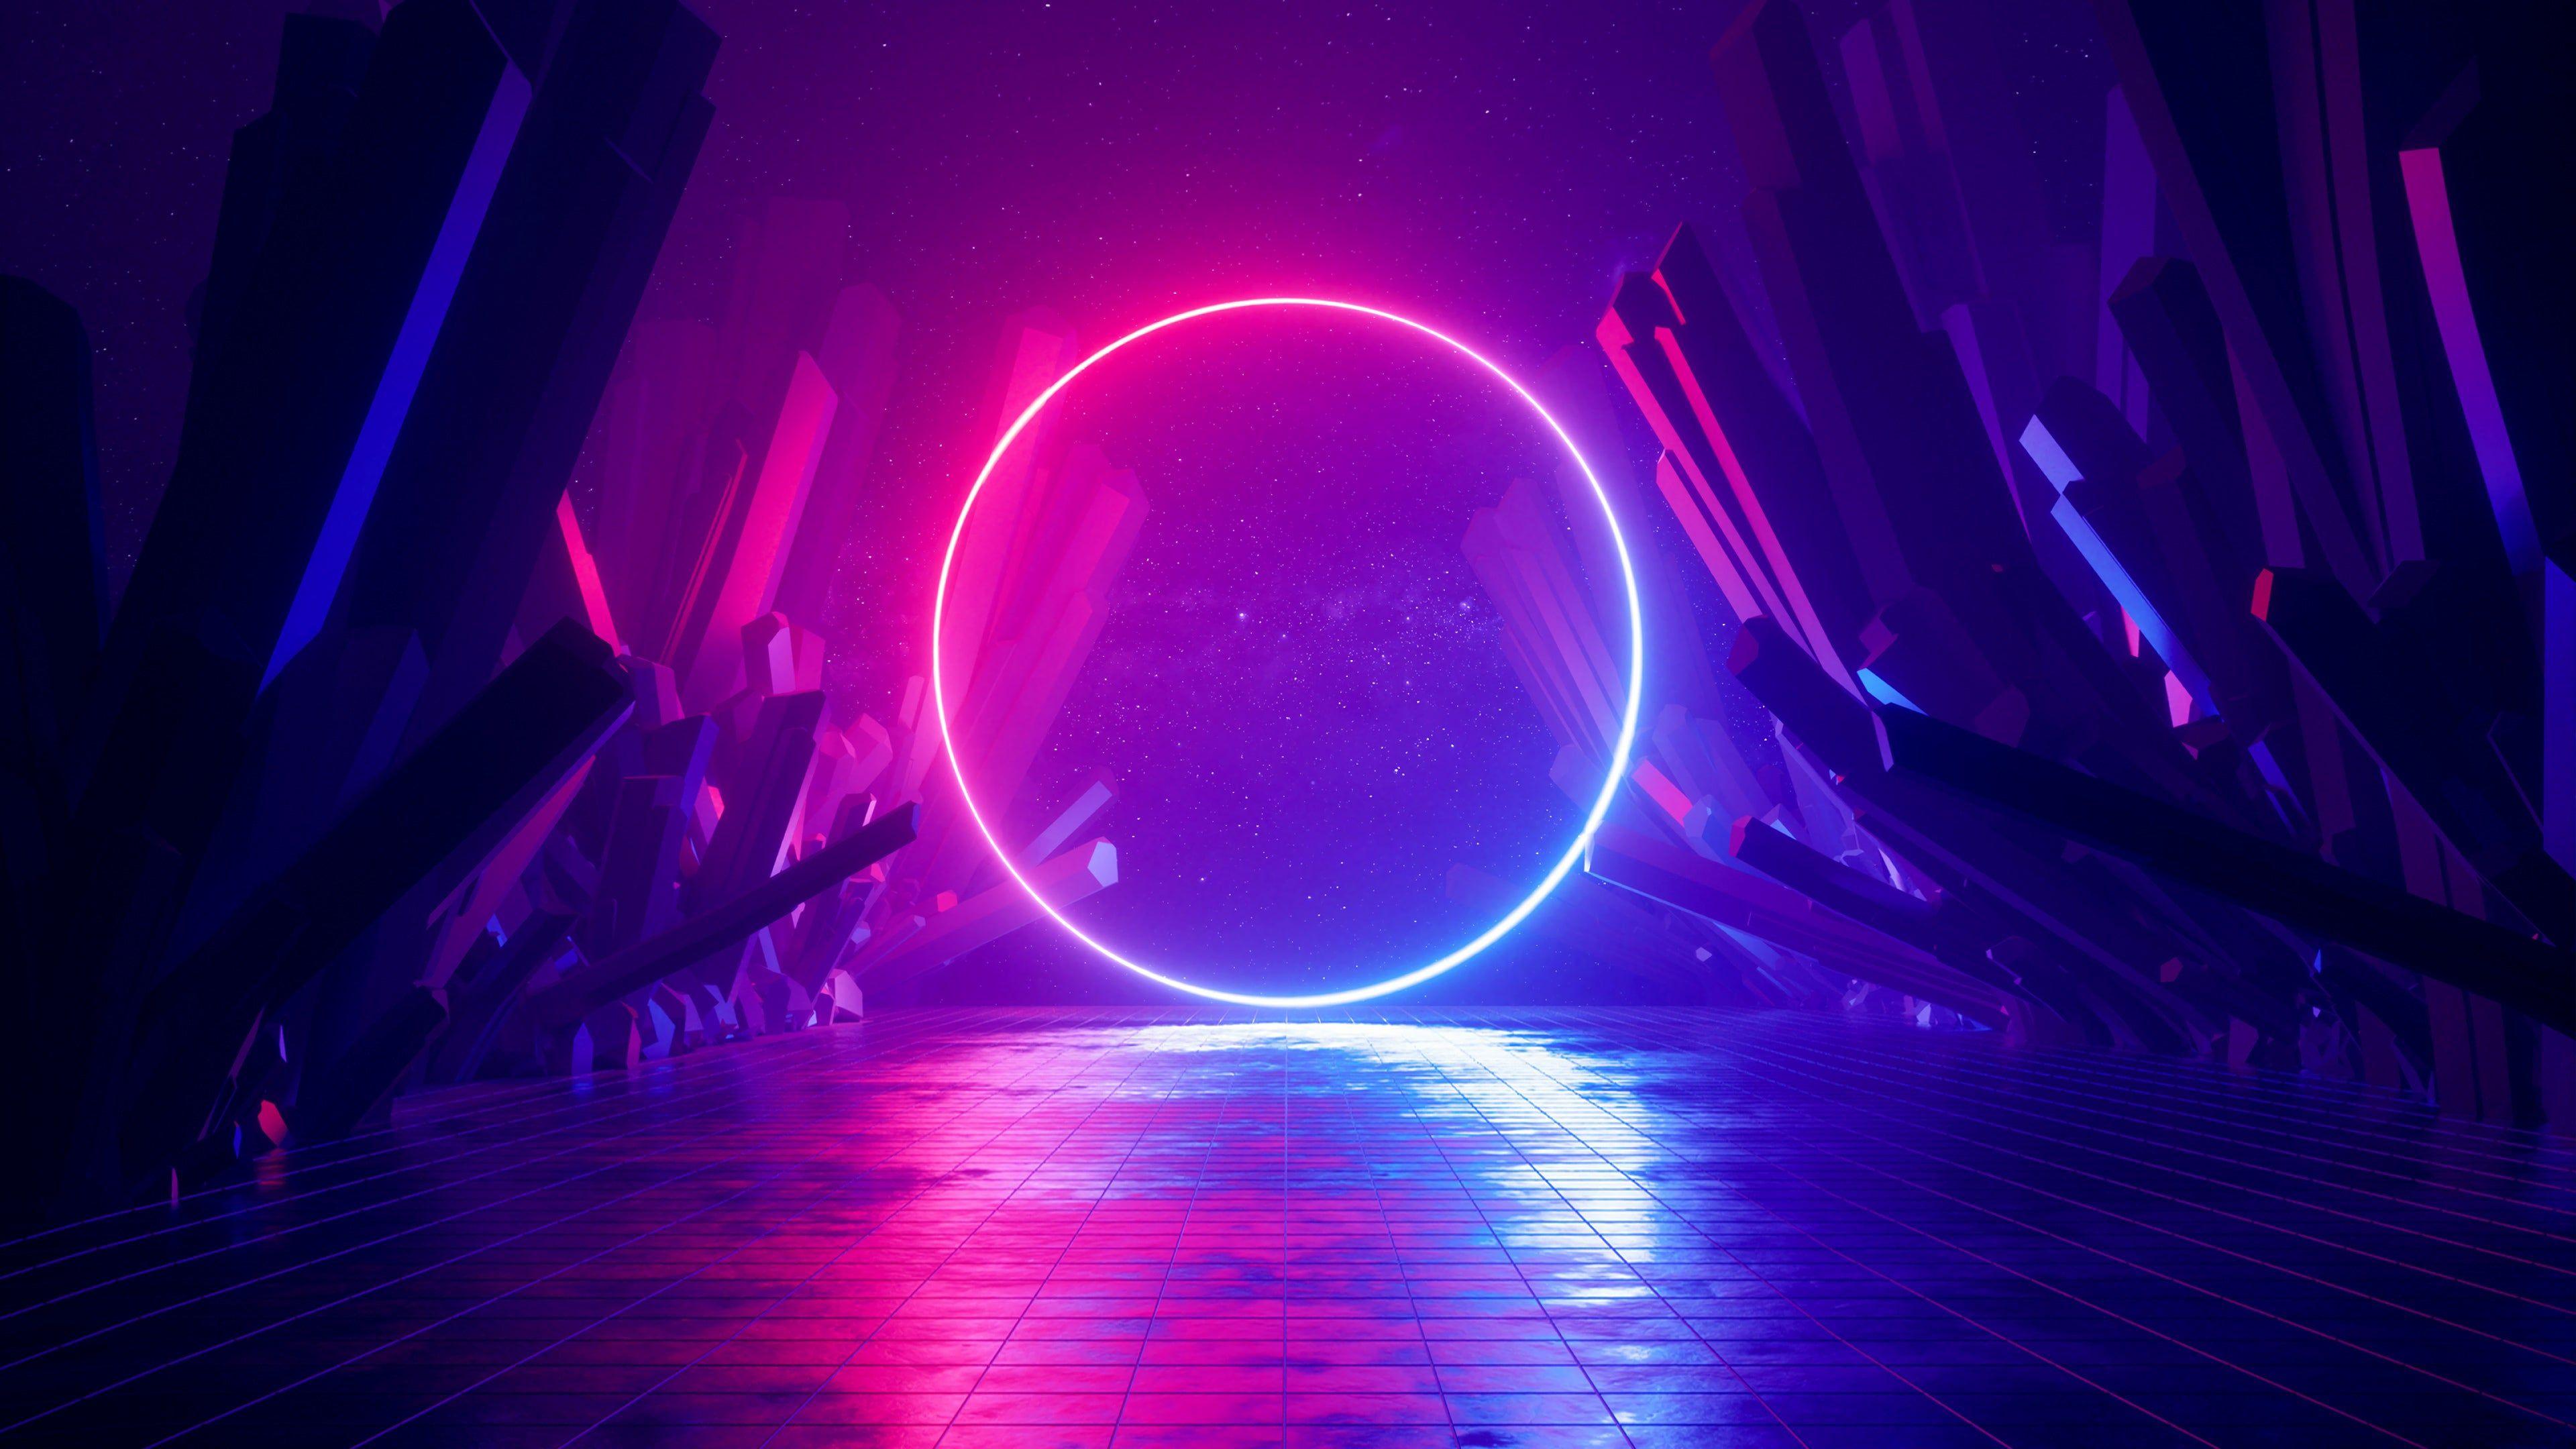 Neon Wallpapers 4k Hd Neon Backgrounds On Wallpaperbat